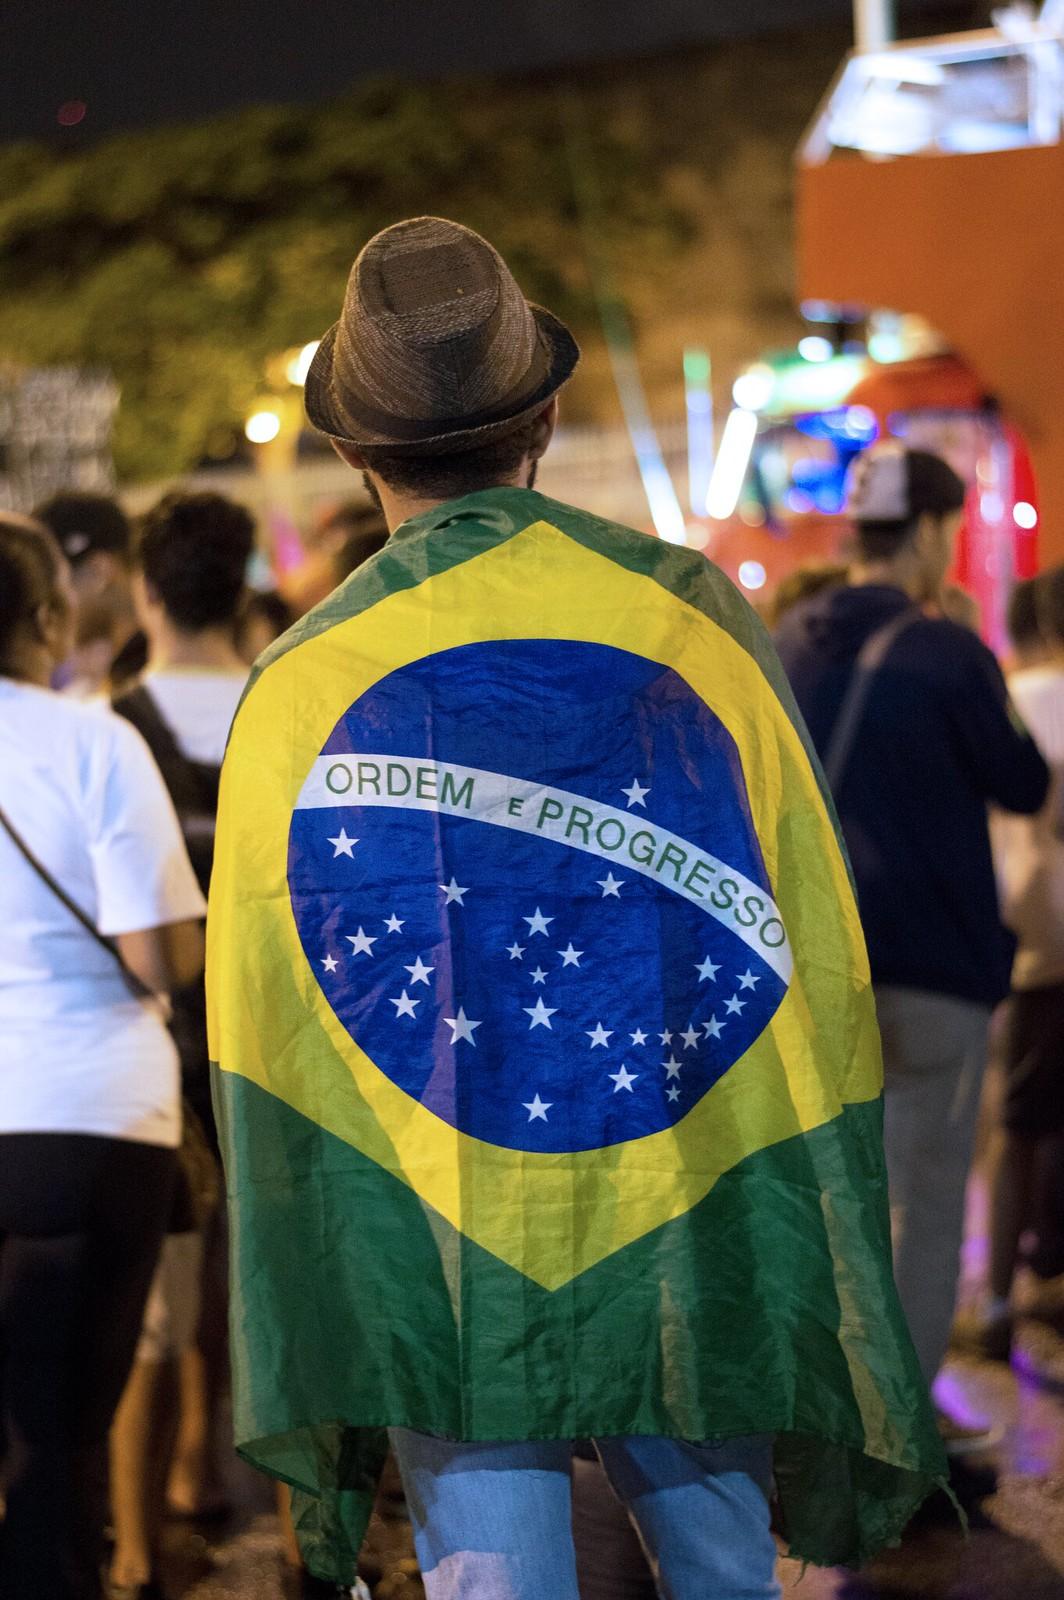 MANIFESTAÇÃO CONTRA AS REFORMAS - GREVE GERAL - 28.04.2017 - BANDEIRA DO BRASIL